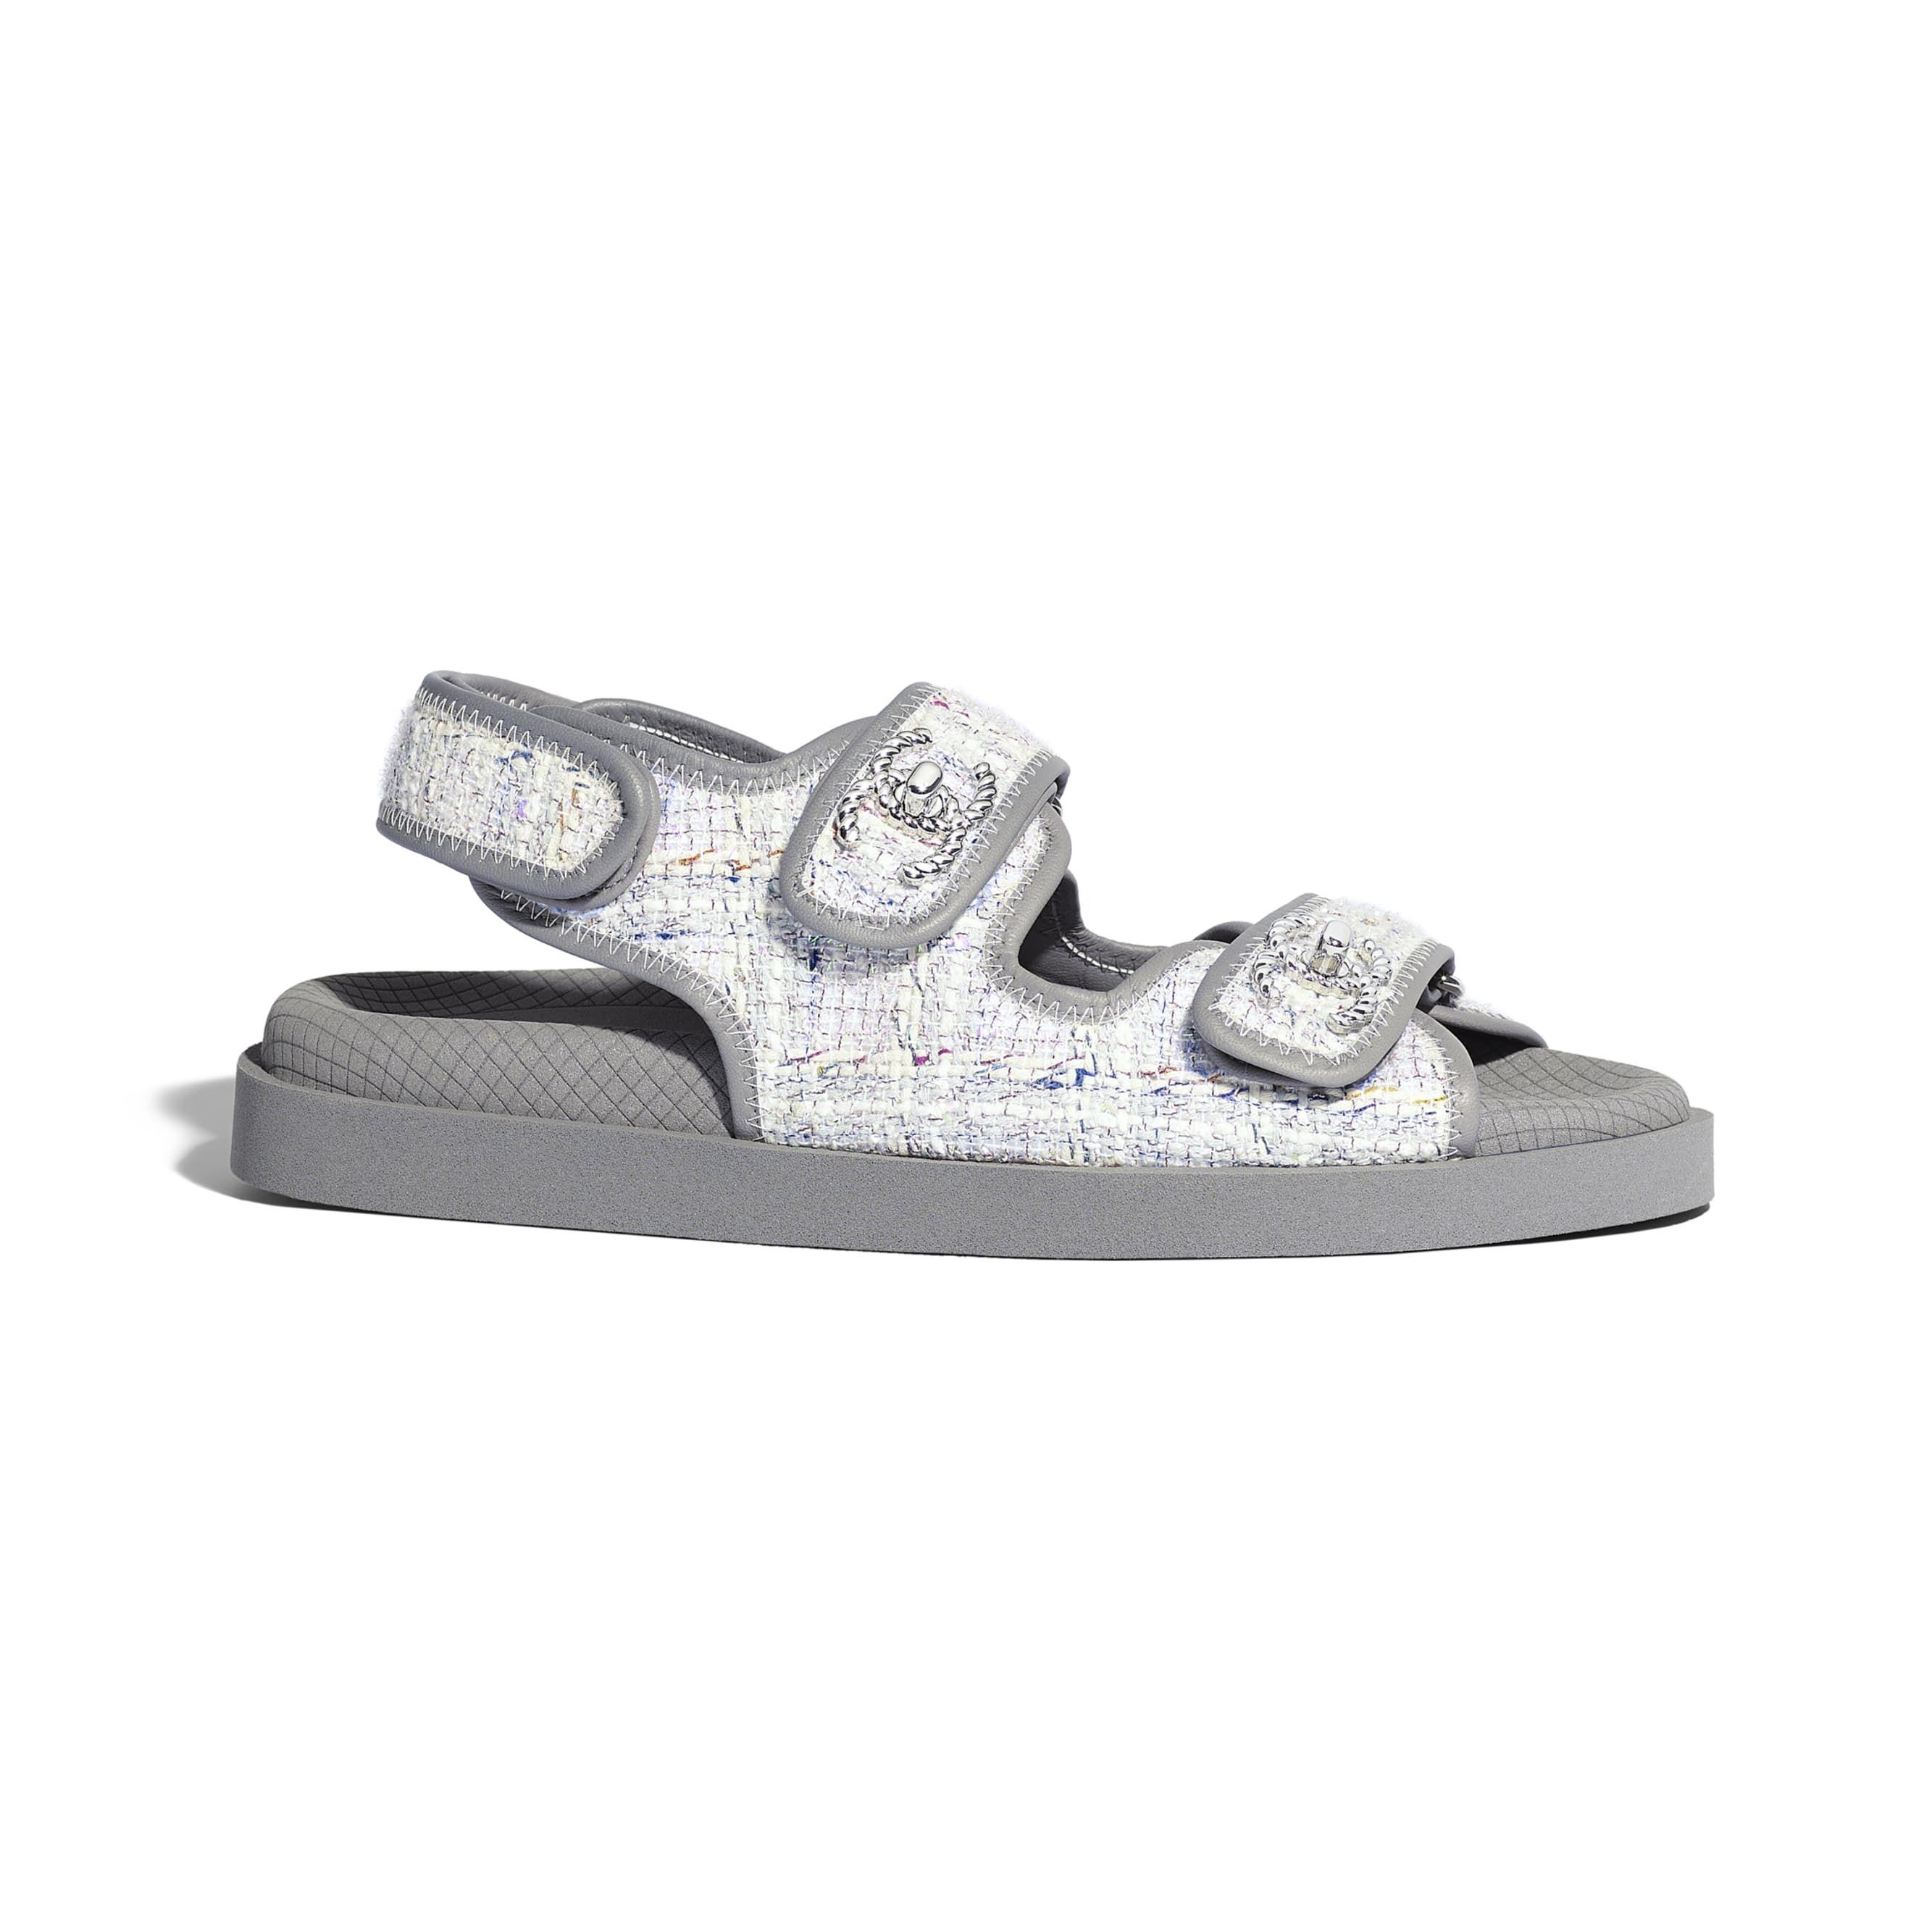 Chanel shoes, Fashion shoes, Fashion